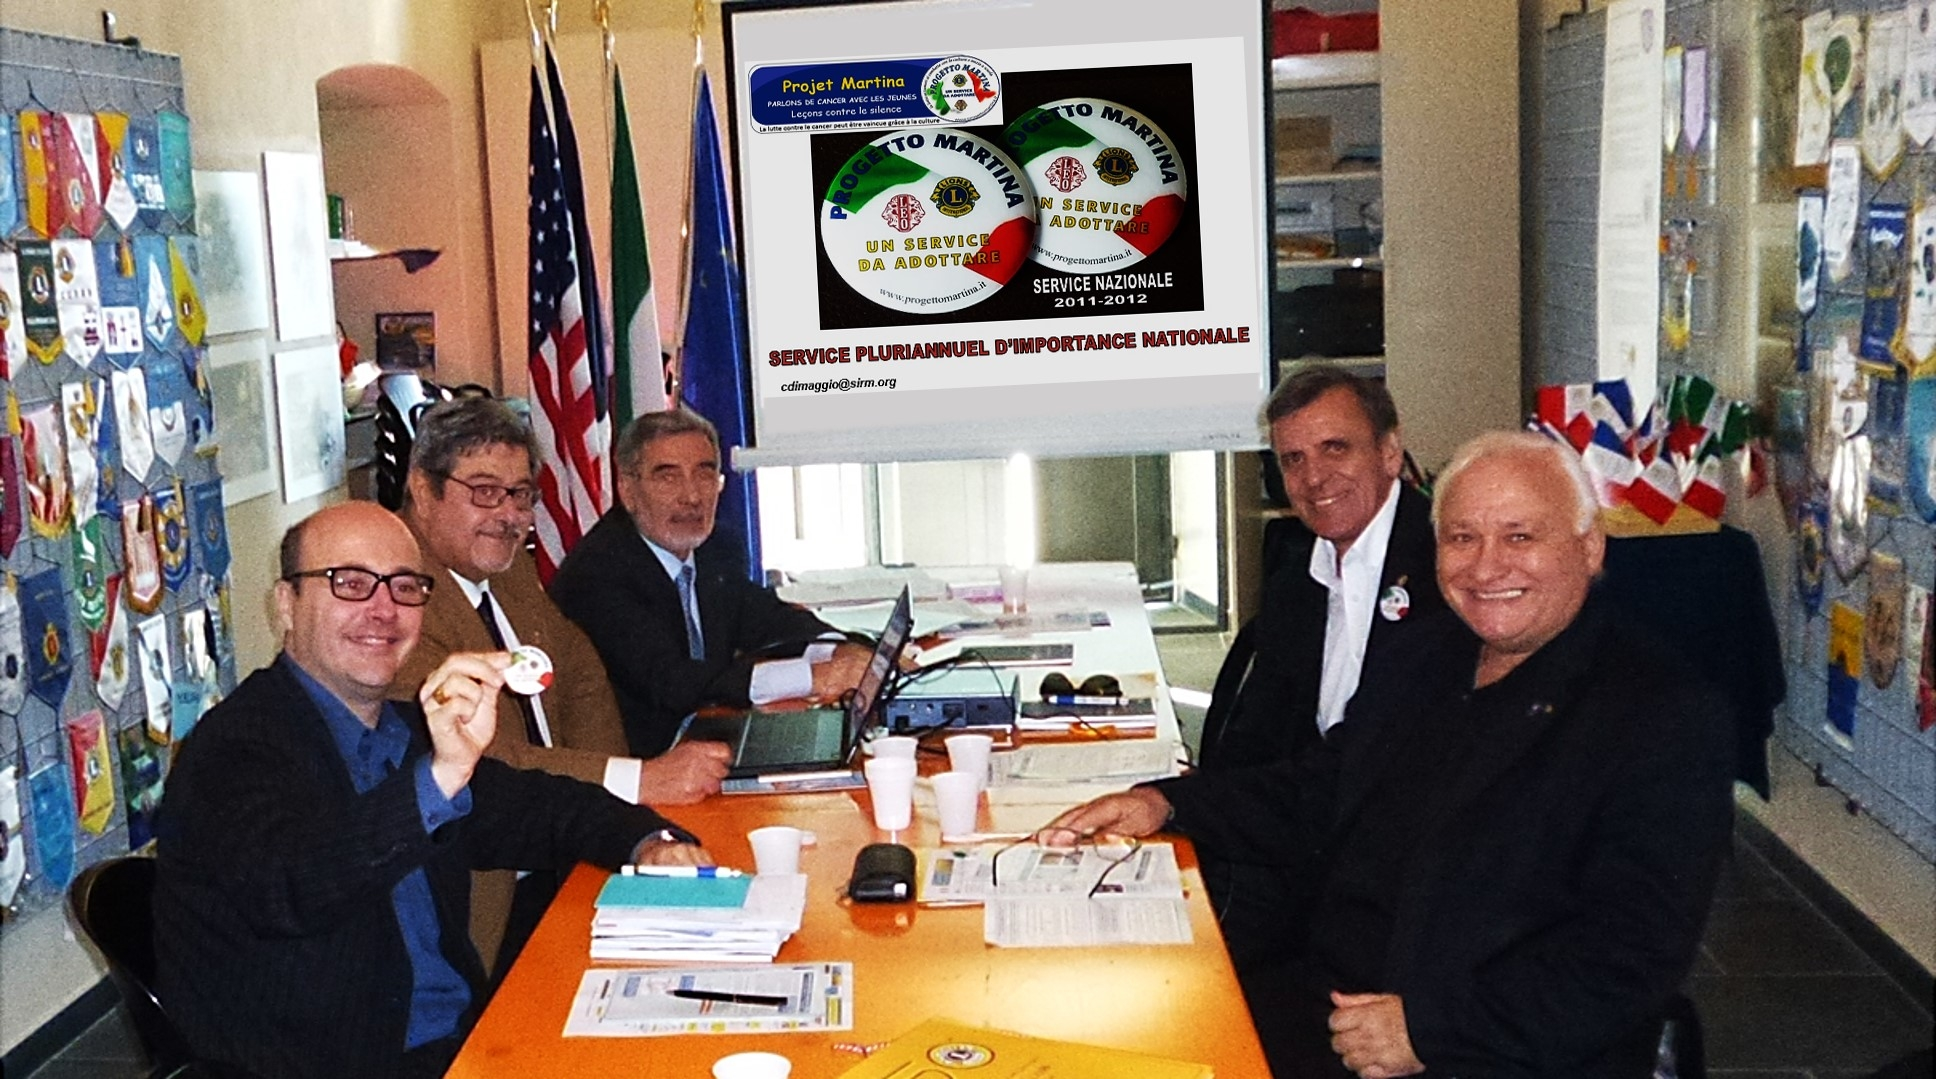 IL PROGETTO MARTINA presentato a Ventimiglia al Multidistretto 103 FRANCE